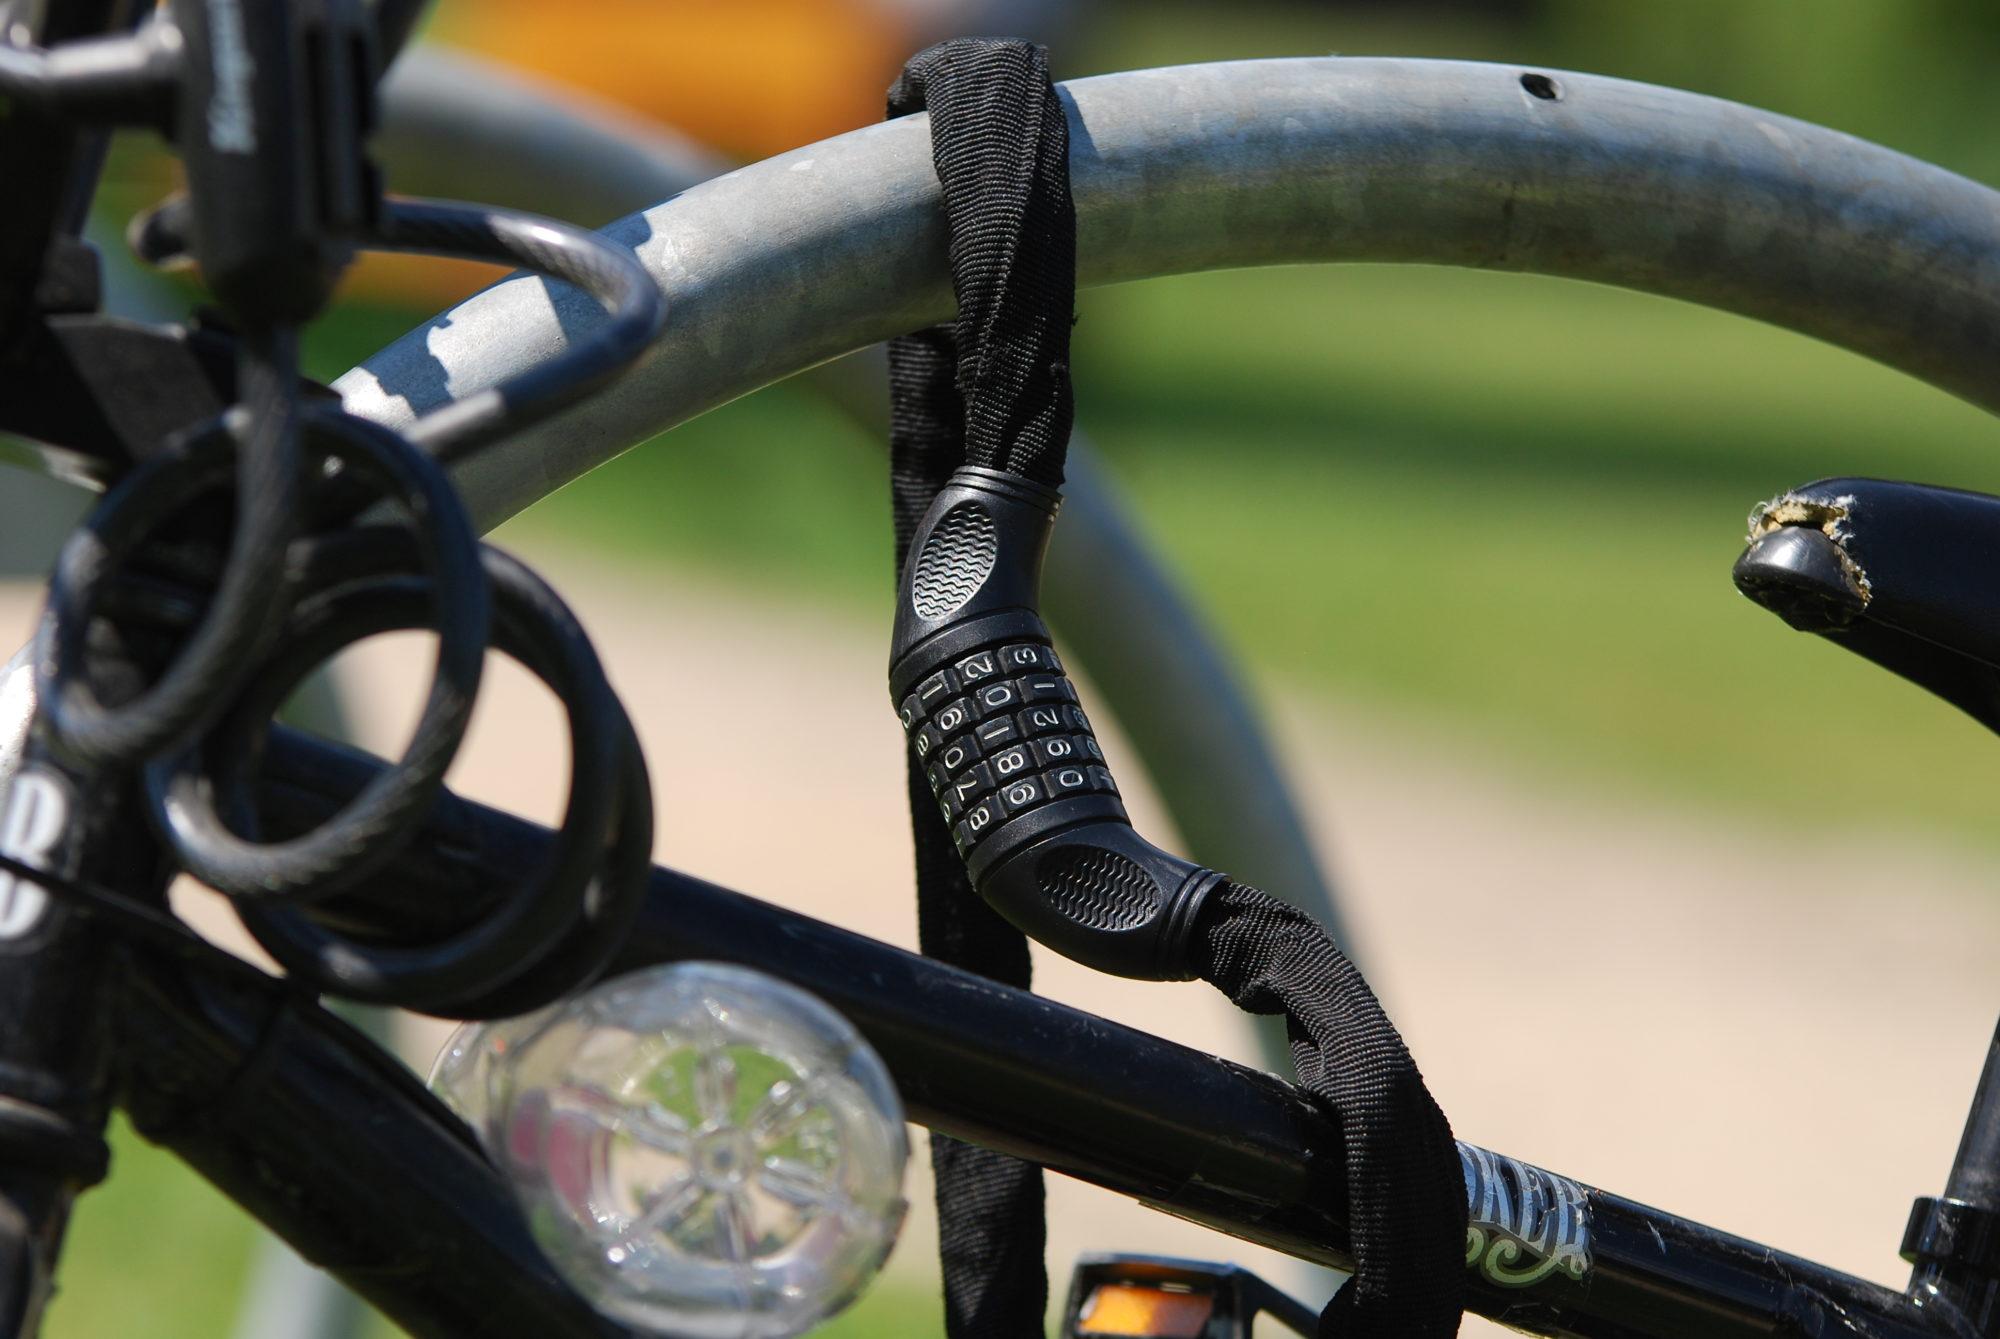 Nozagts velosipēds un nauda